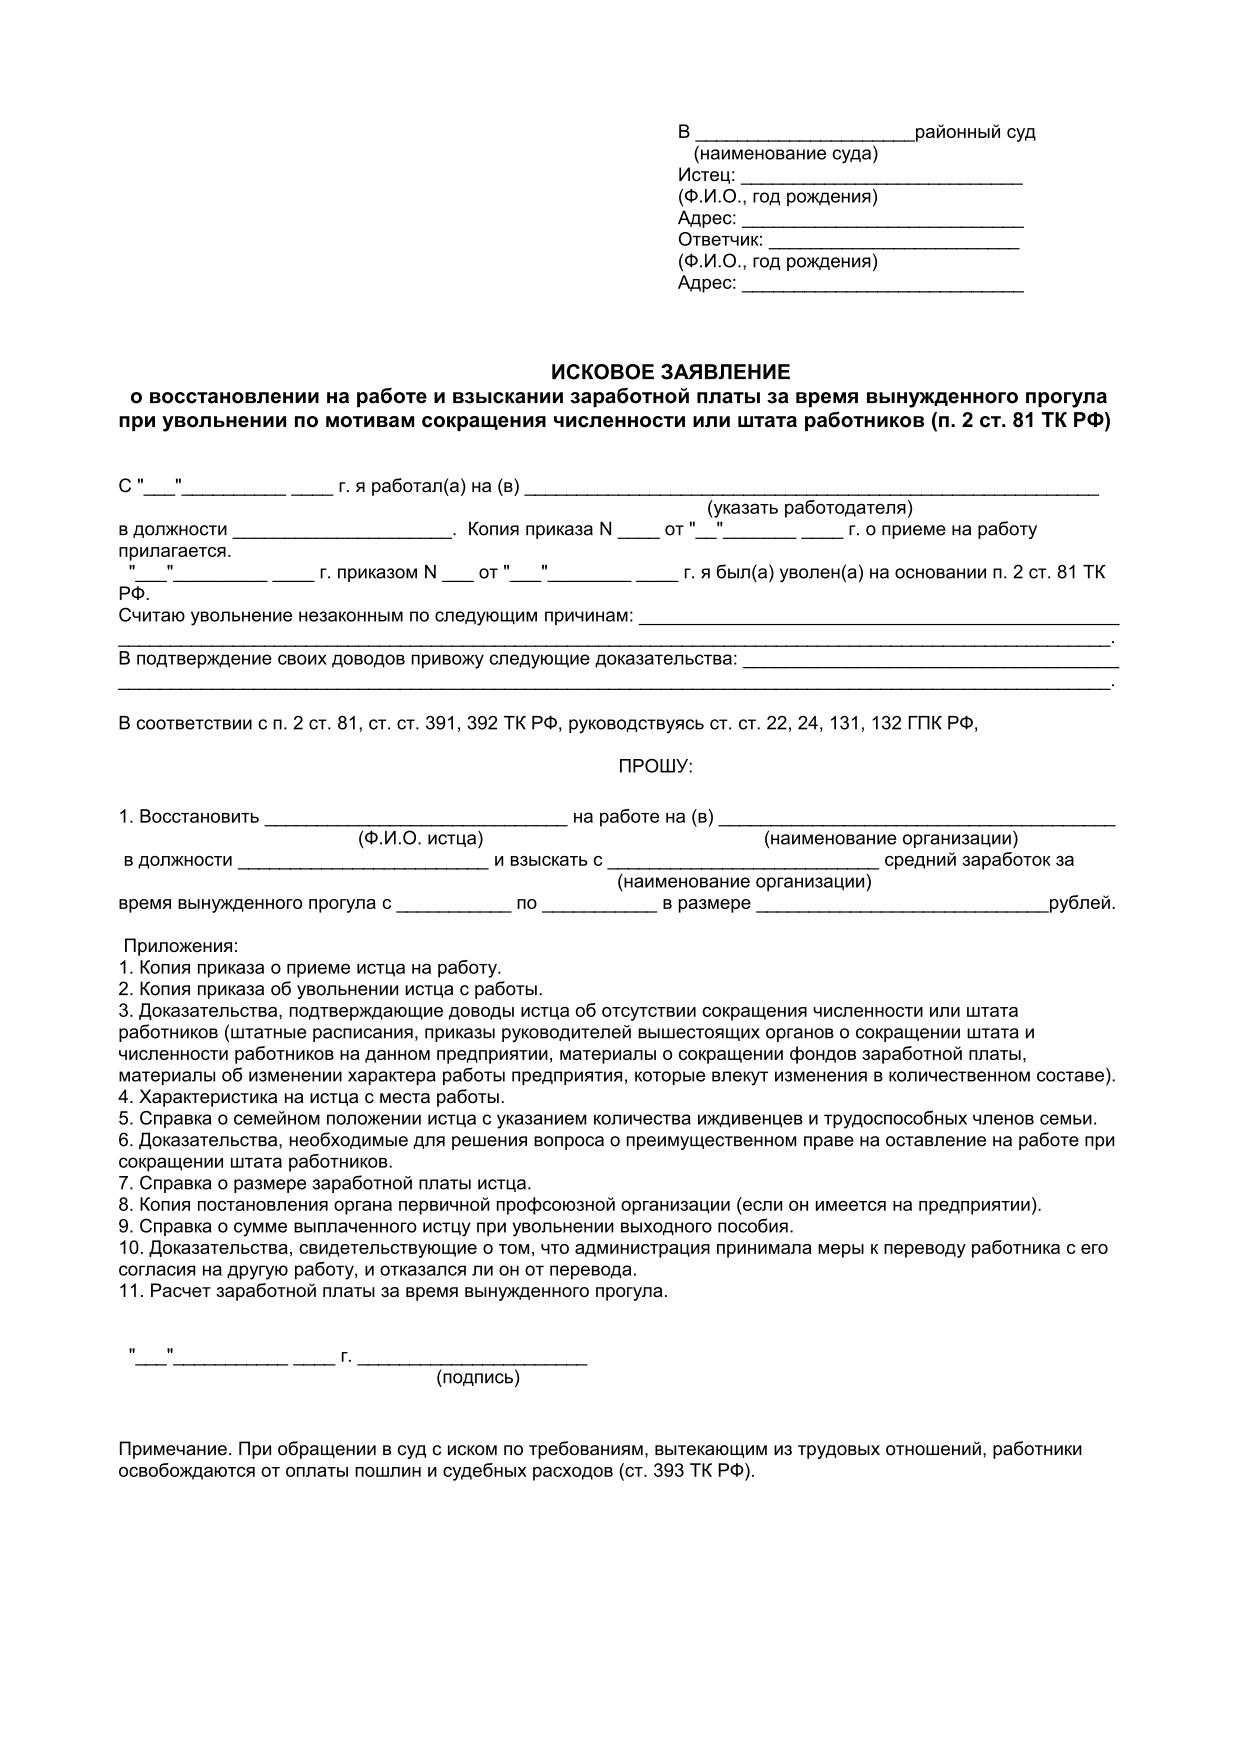 иск о незаконном увольнении иск